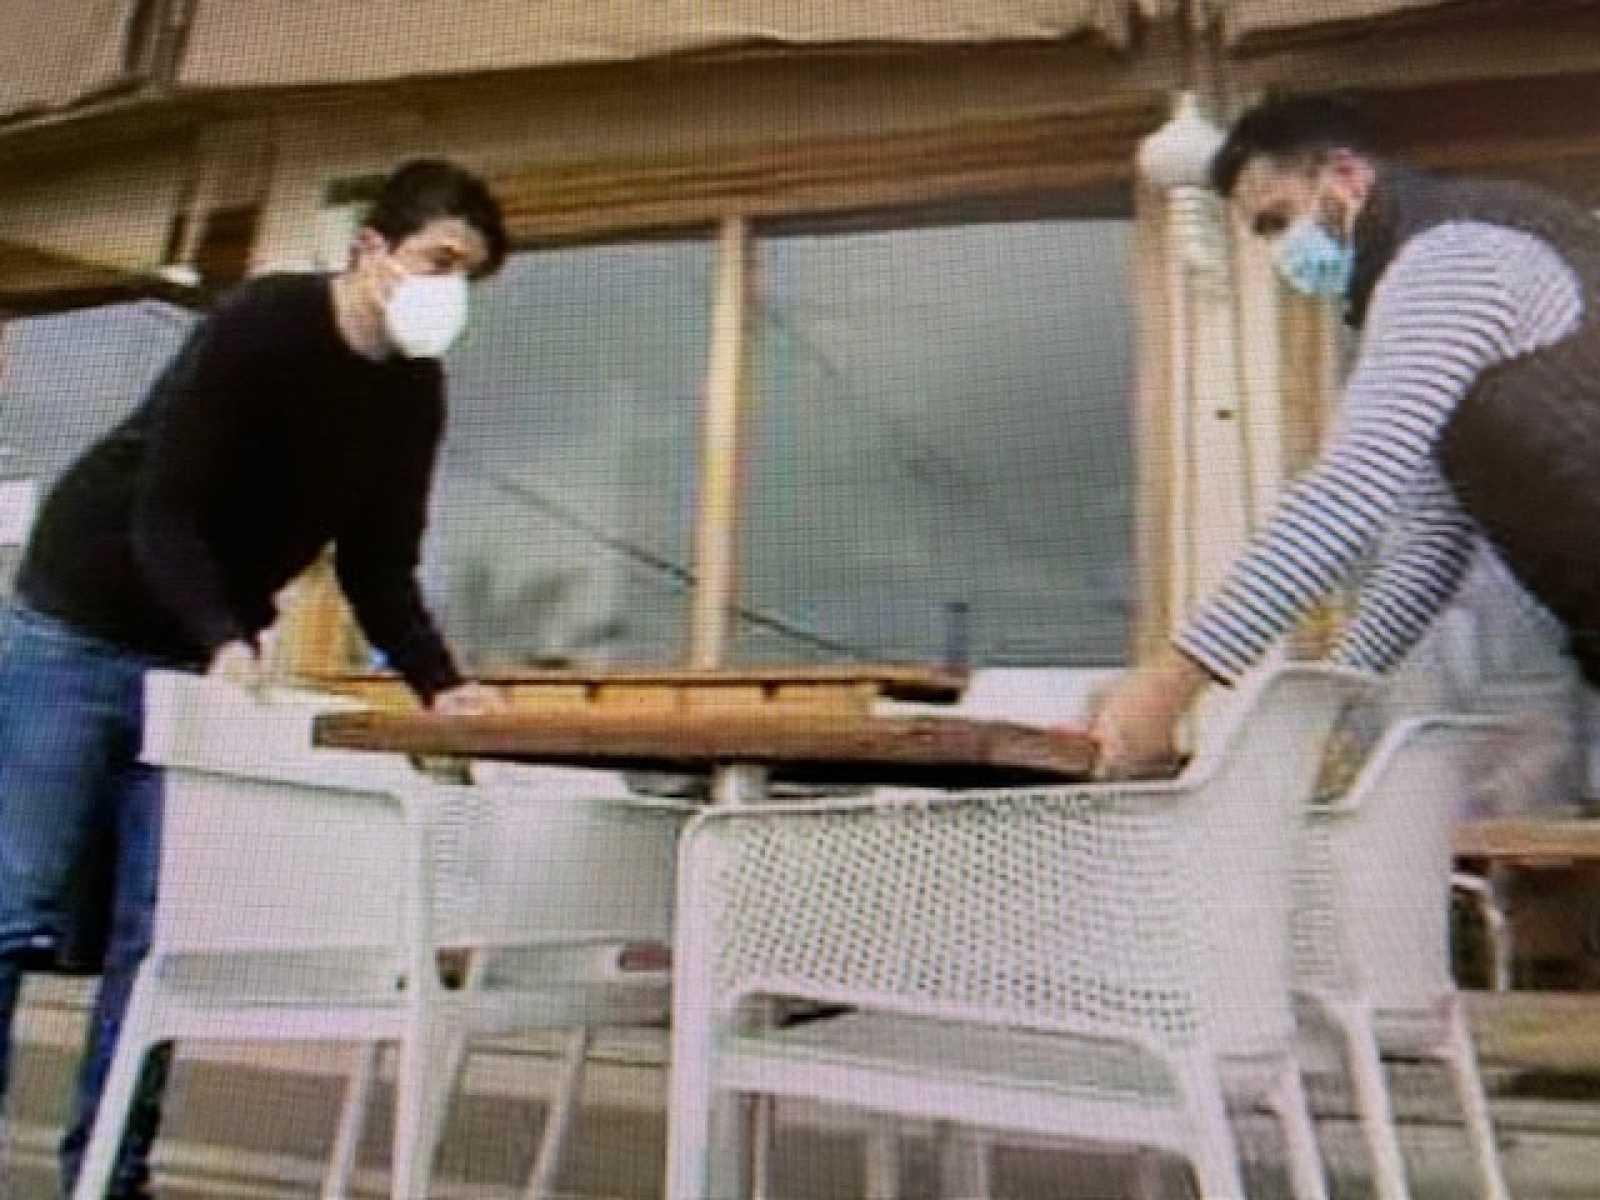 Los hosteleros se preparan para reabrir terrazas - 25/02/21